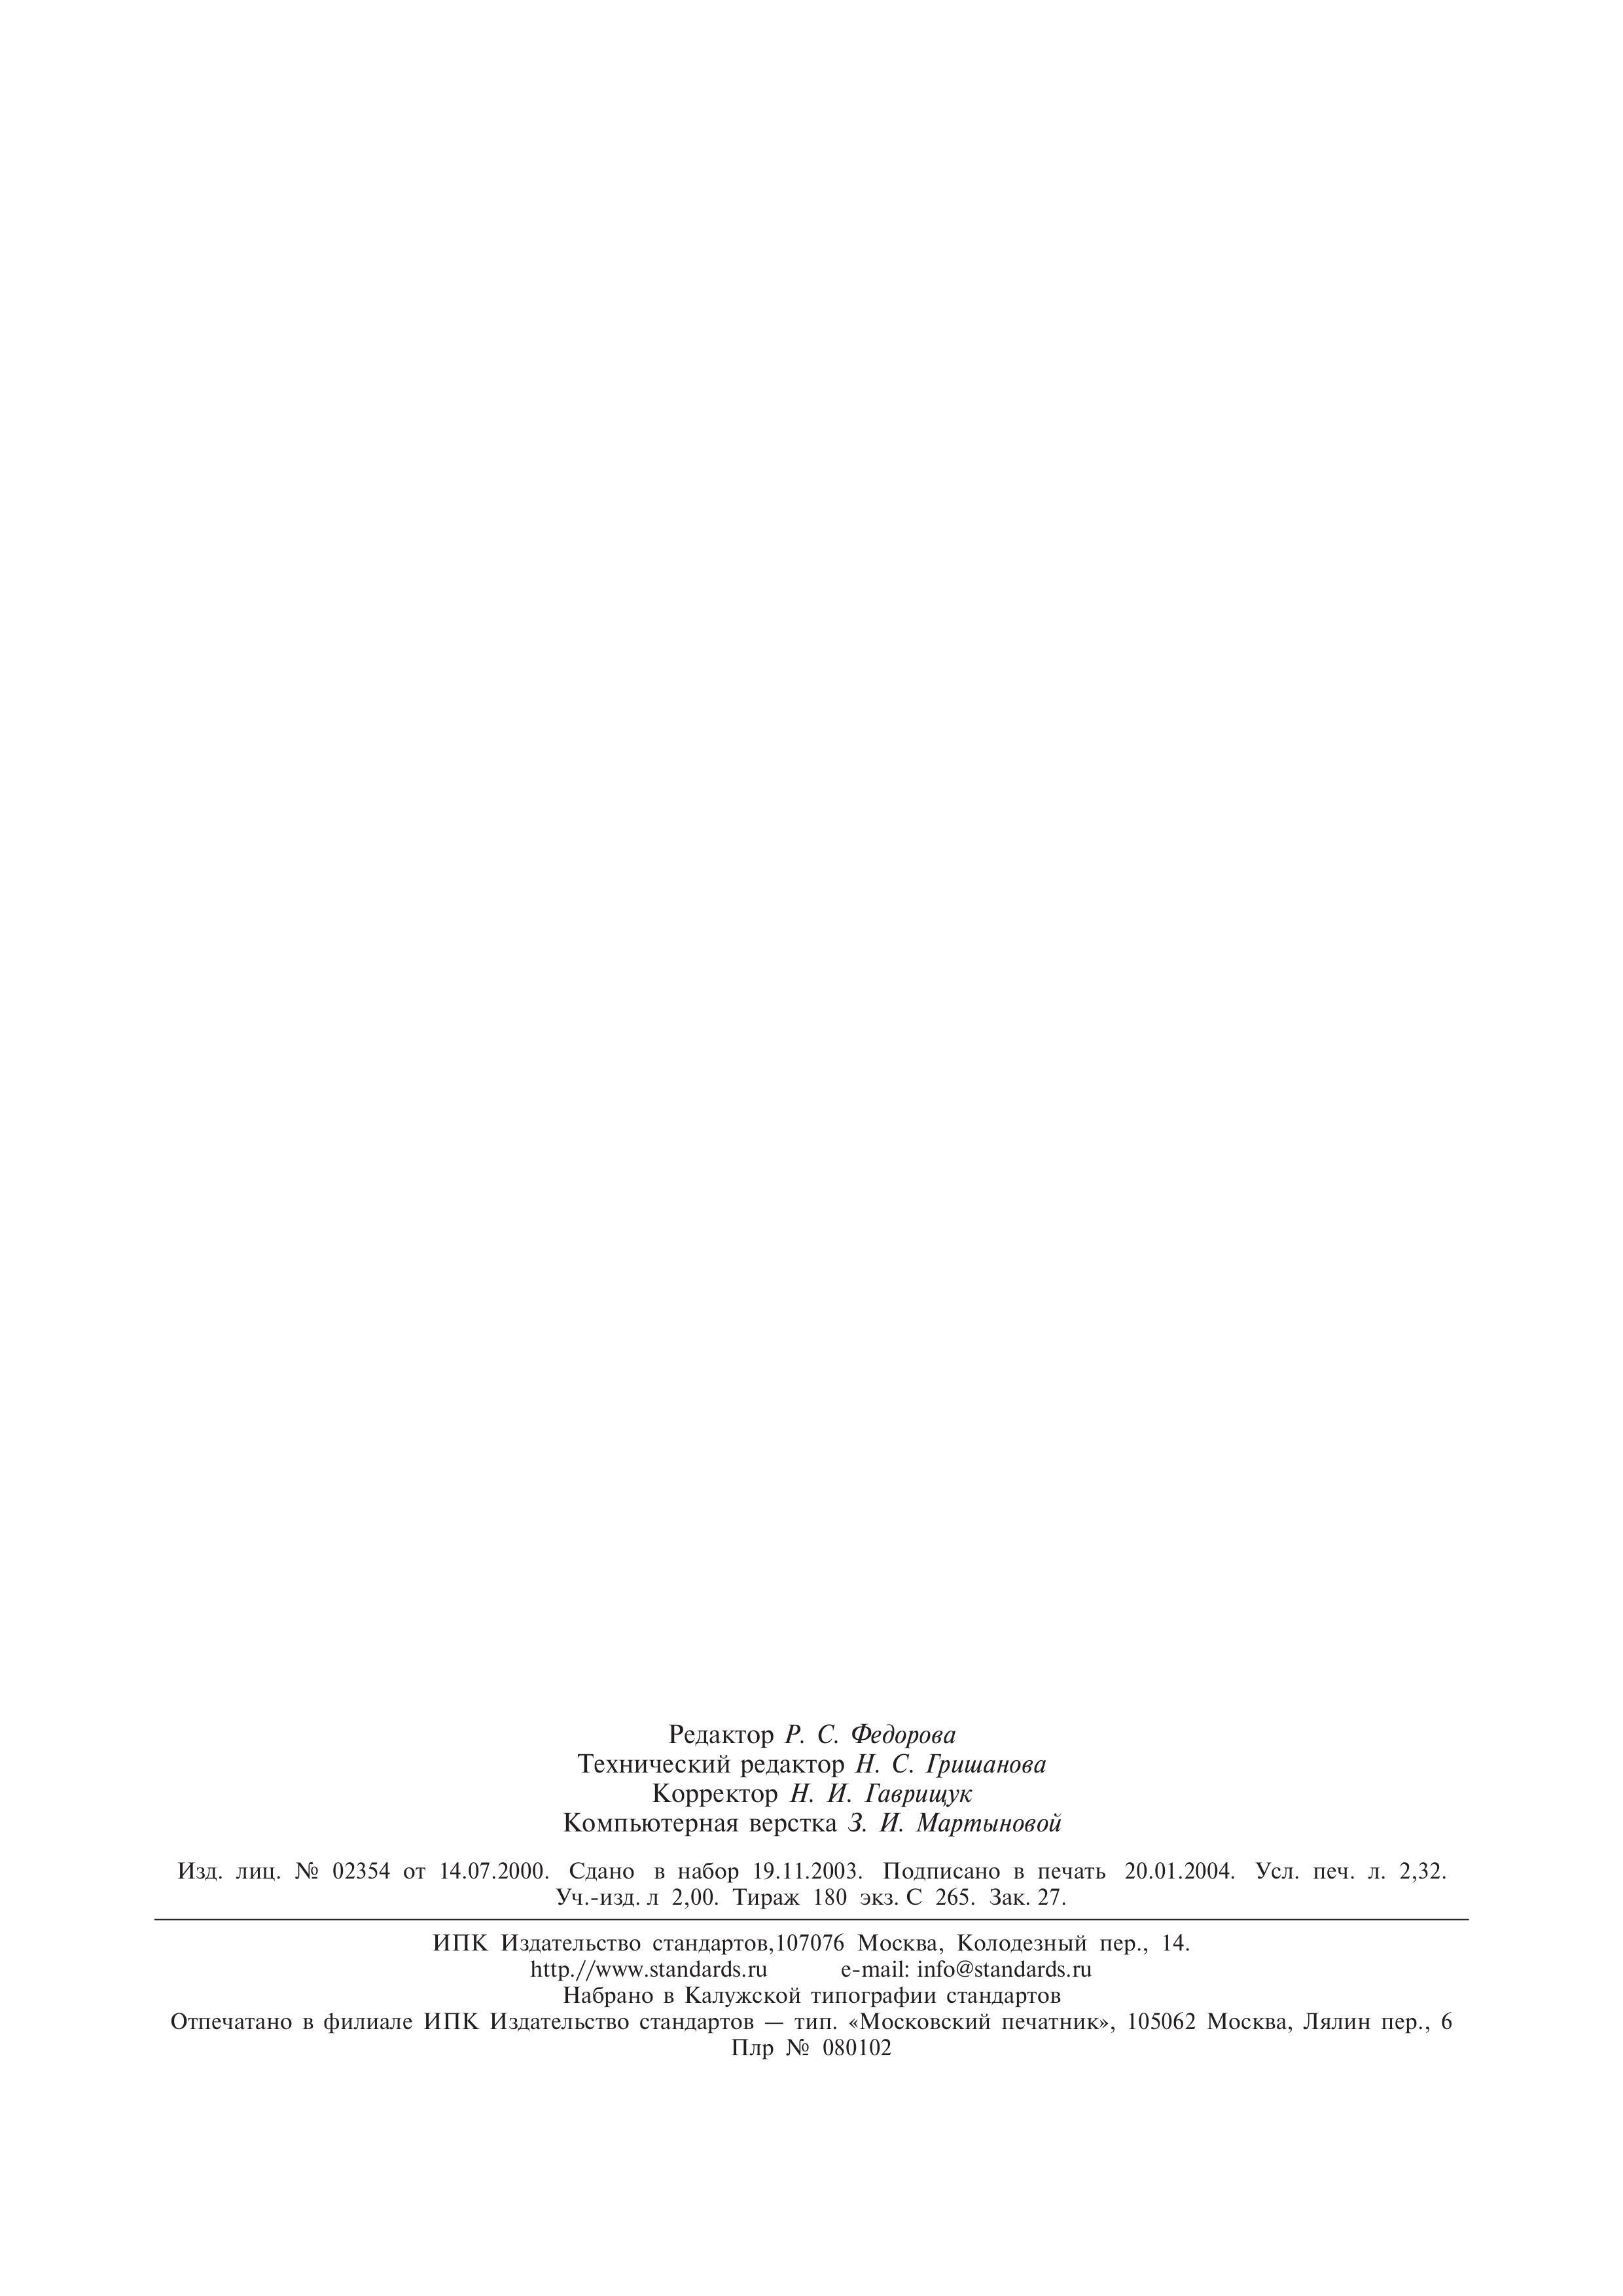 GOST_24811-81__20_.jpg